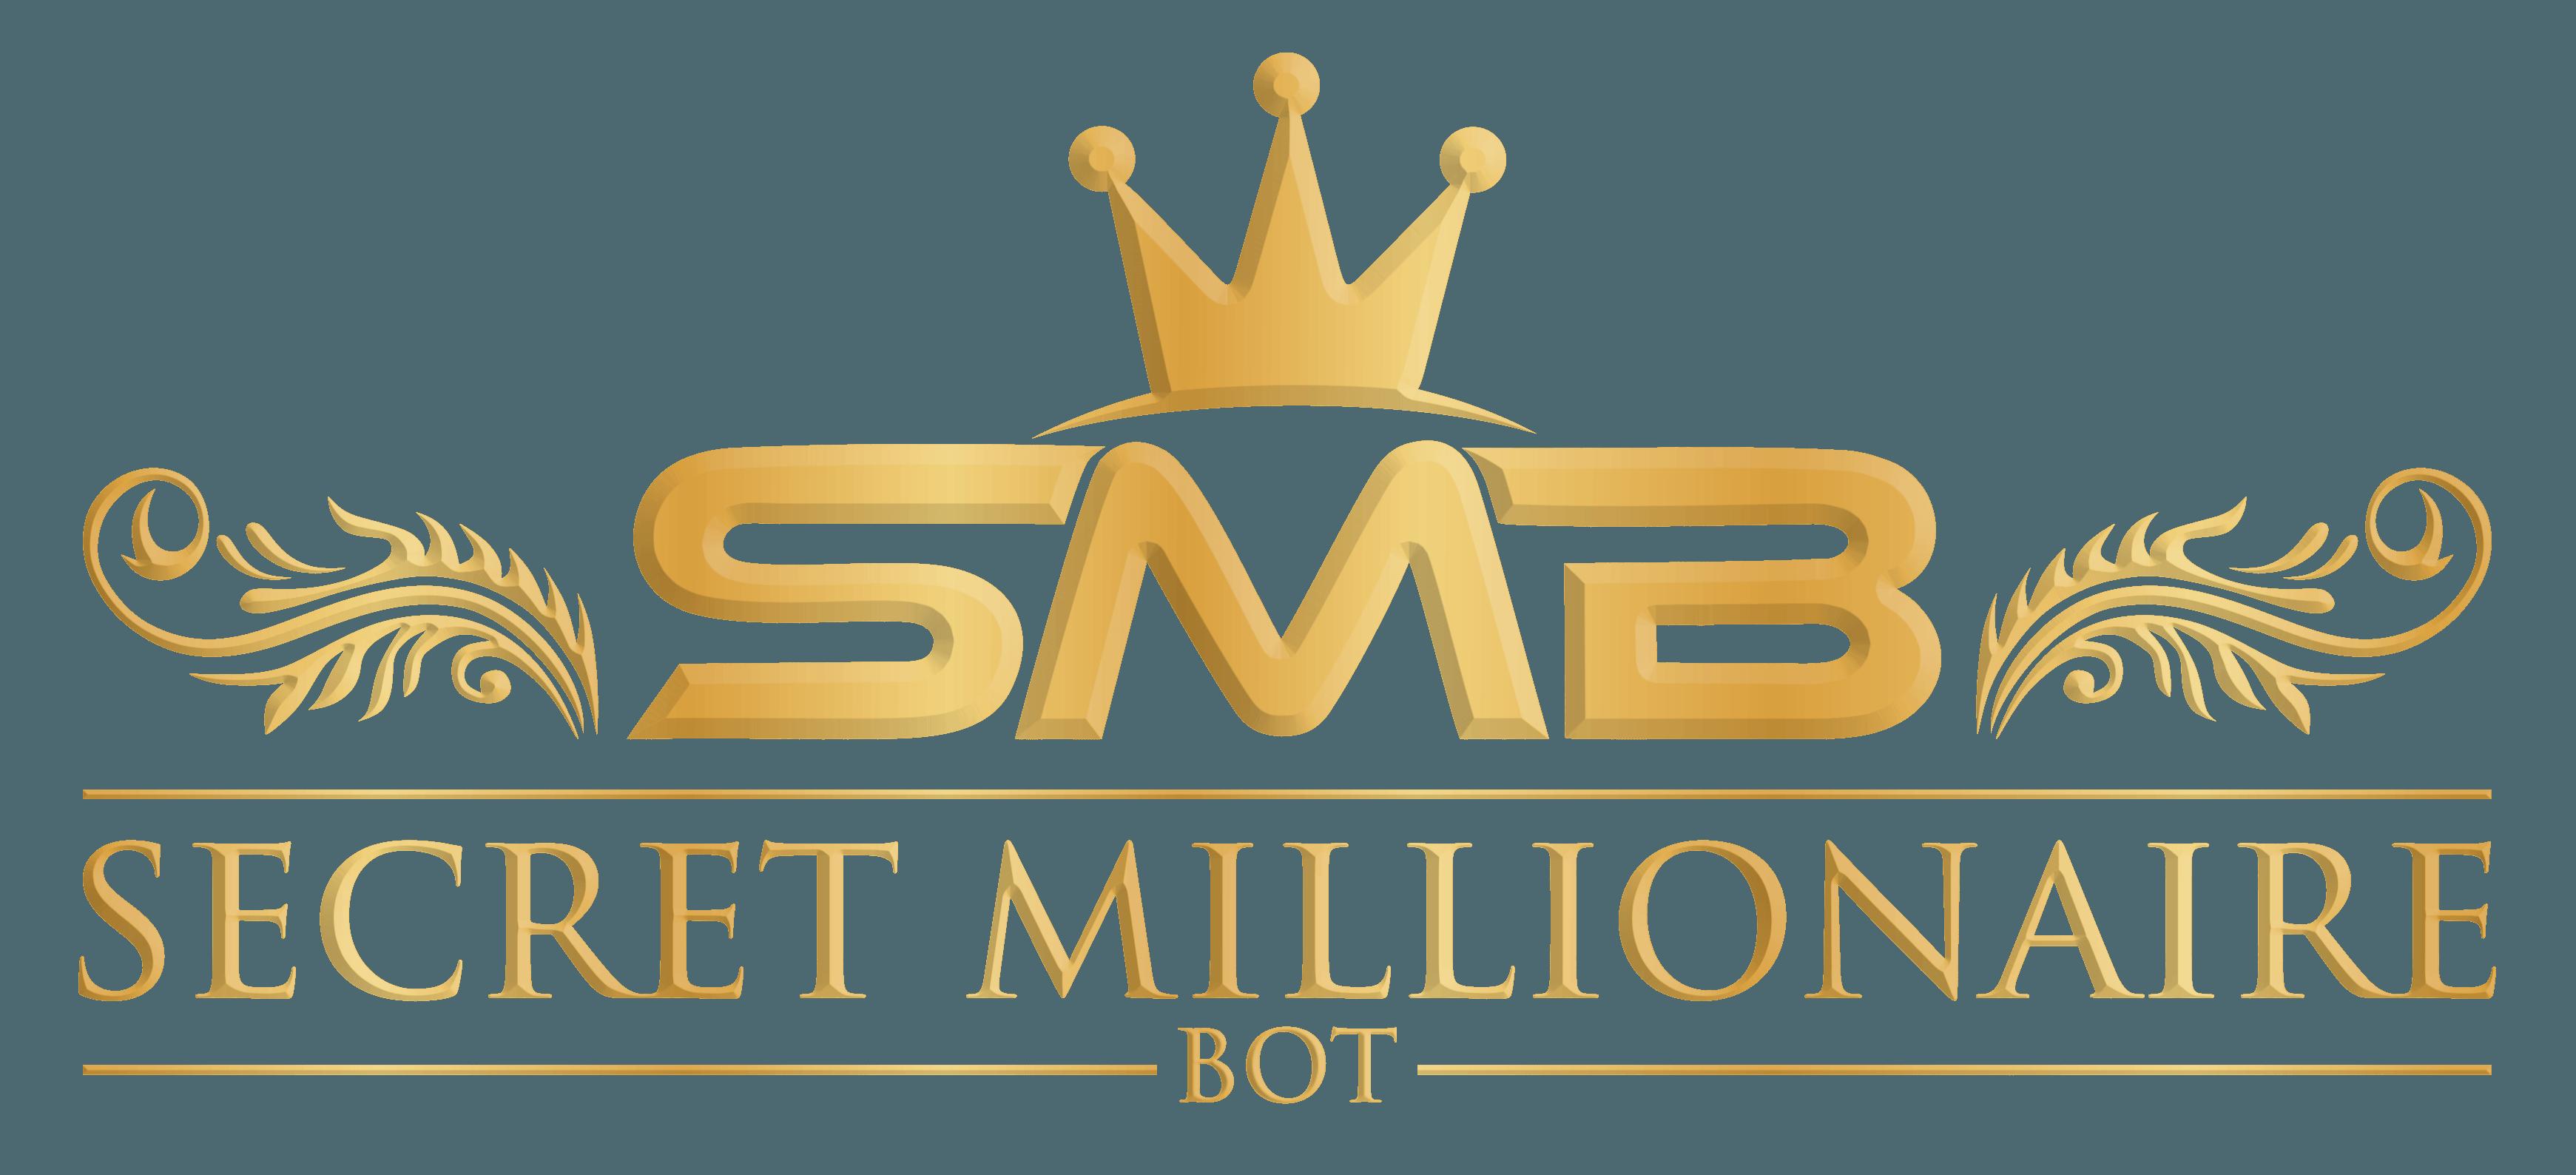 Secret Millionaire Bot Logo